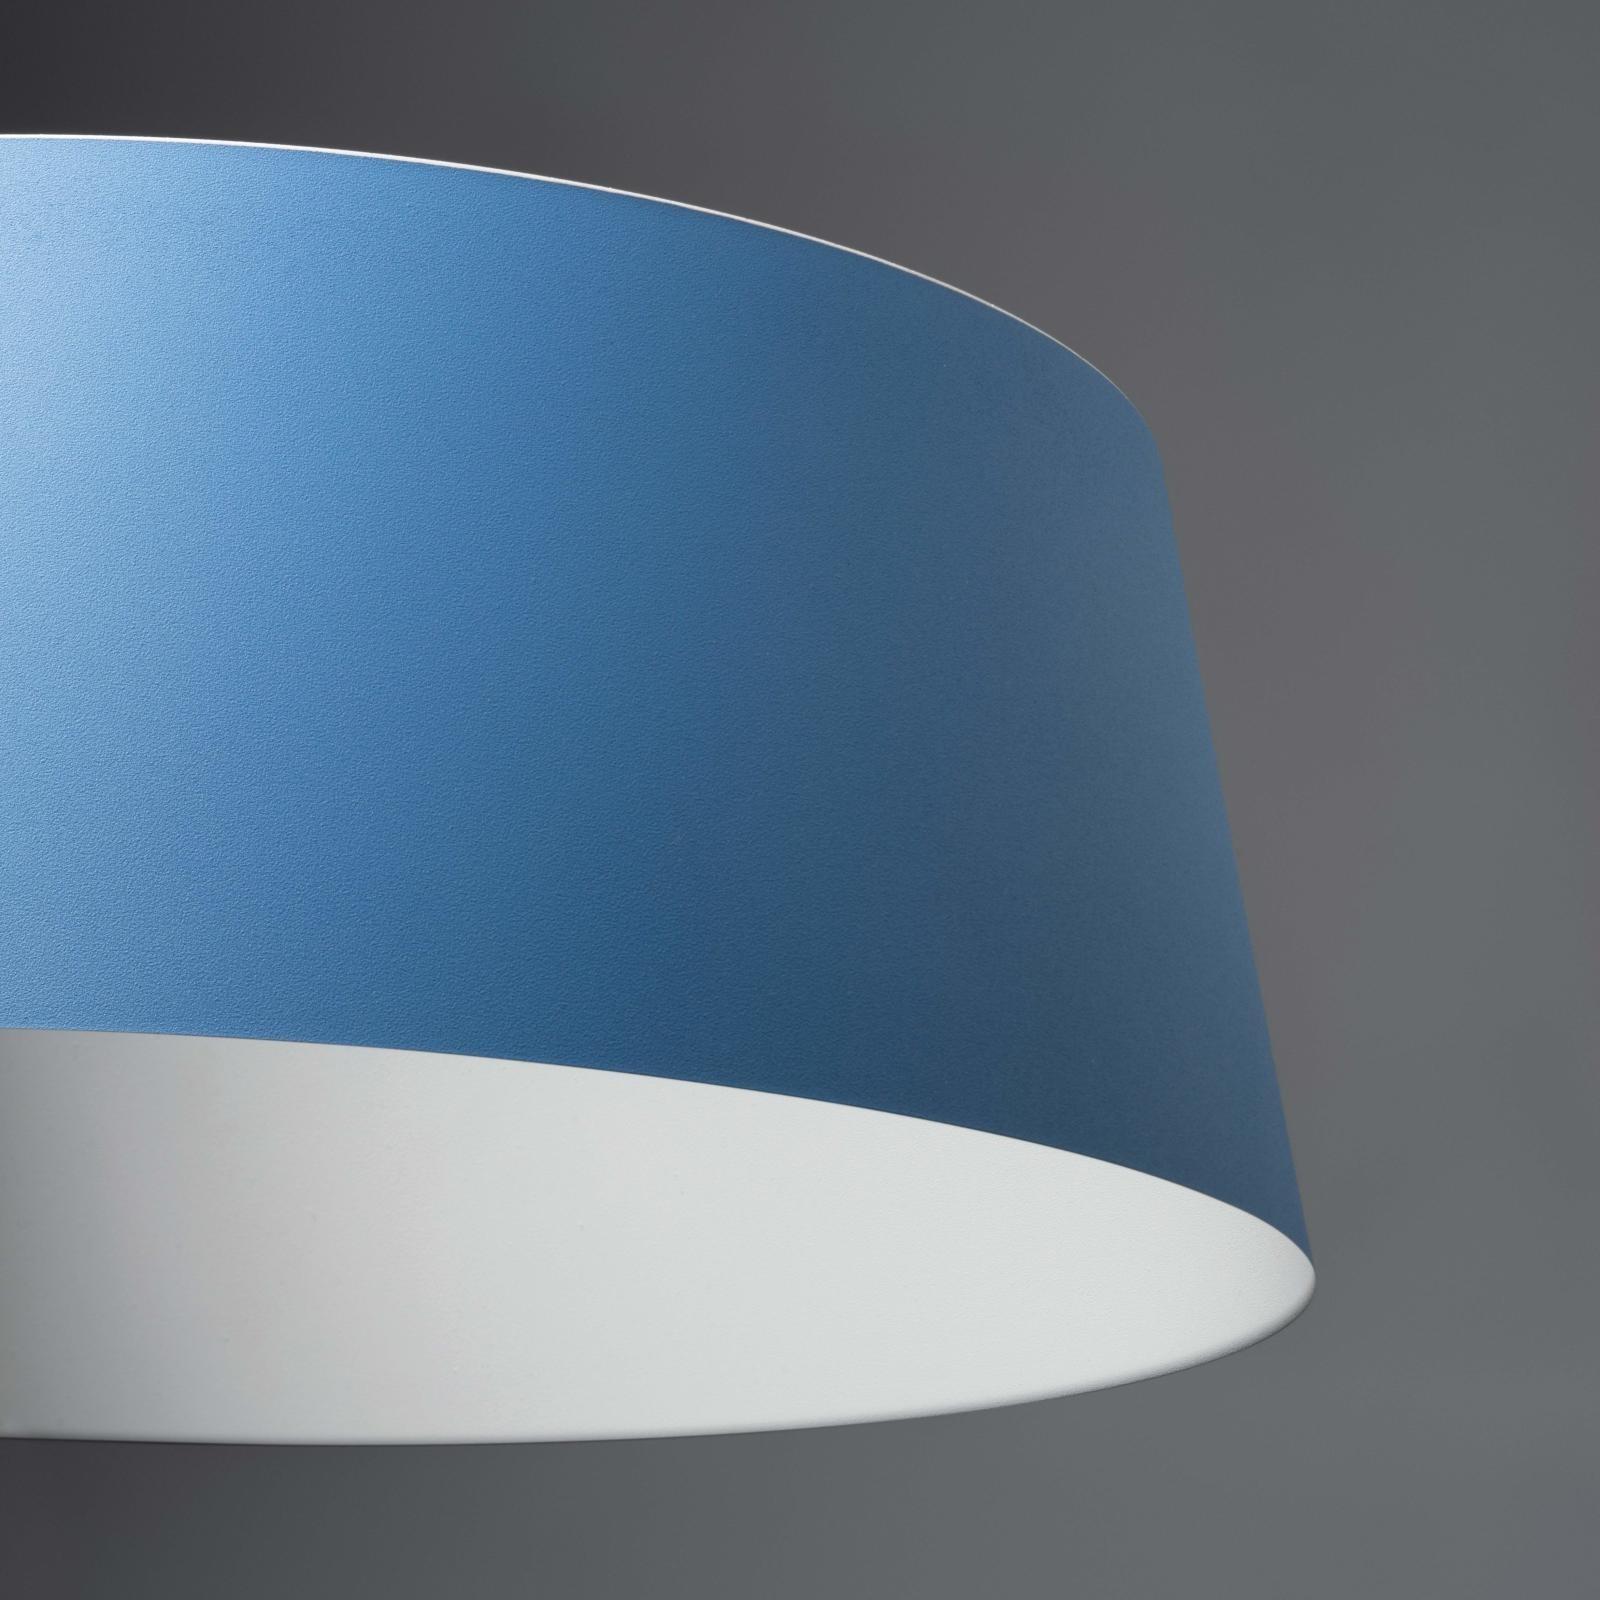 Linea Light LED Leseleuchte Oxygen_Fl1, Blau, Kunststoff, 8104   Lampen > Tischleuchten > Leseleuchten   Blau   Kunststoff